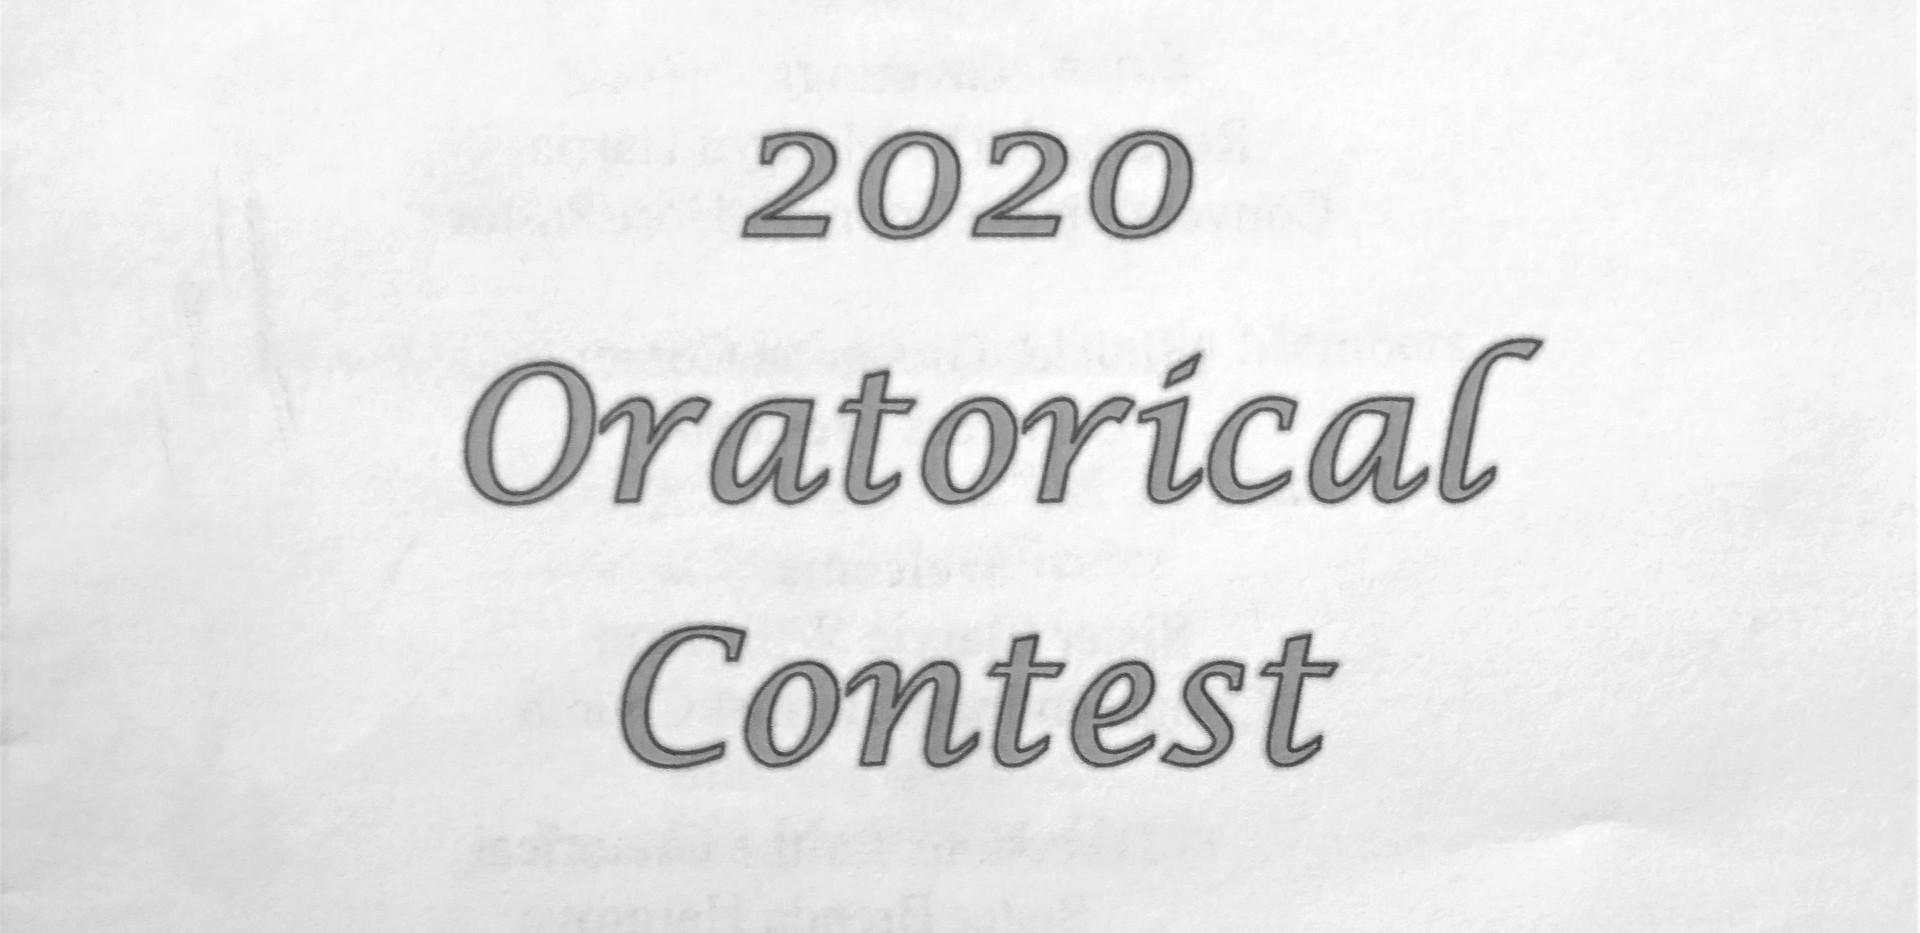 2-8-20 UMBCNJ ORATORICAL CONTEST (0).JPG